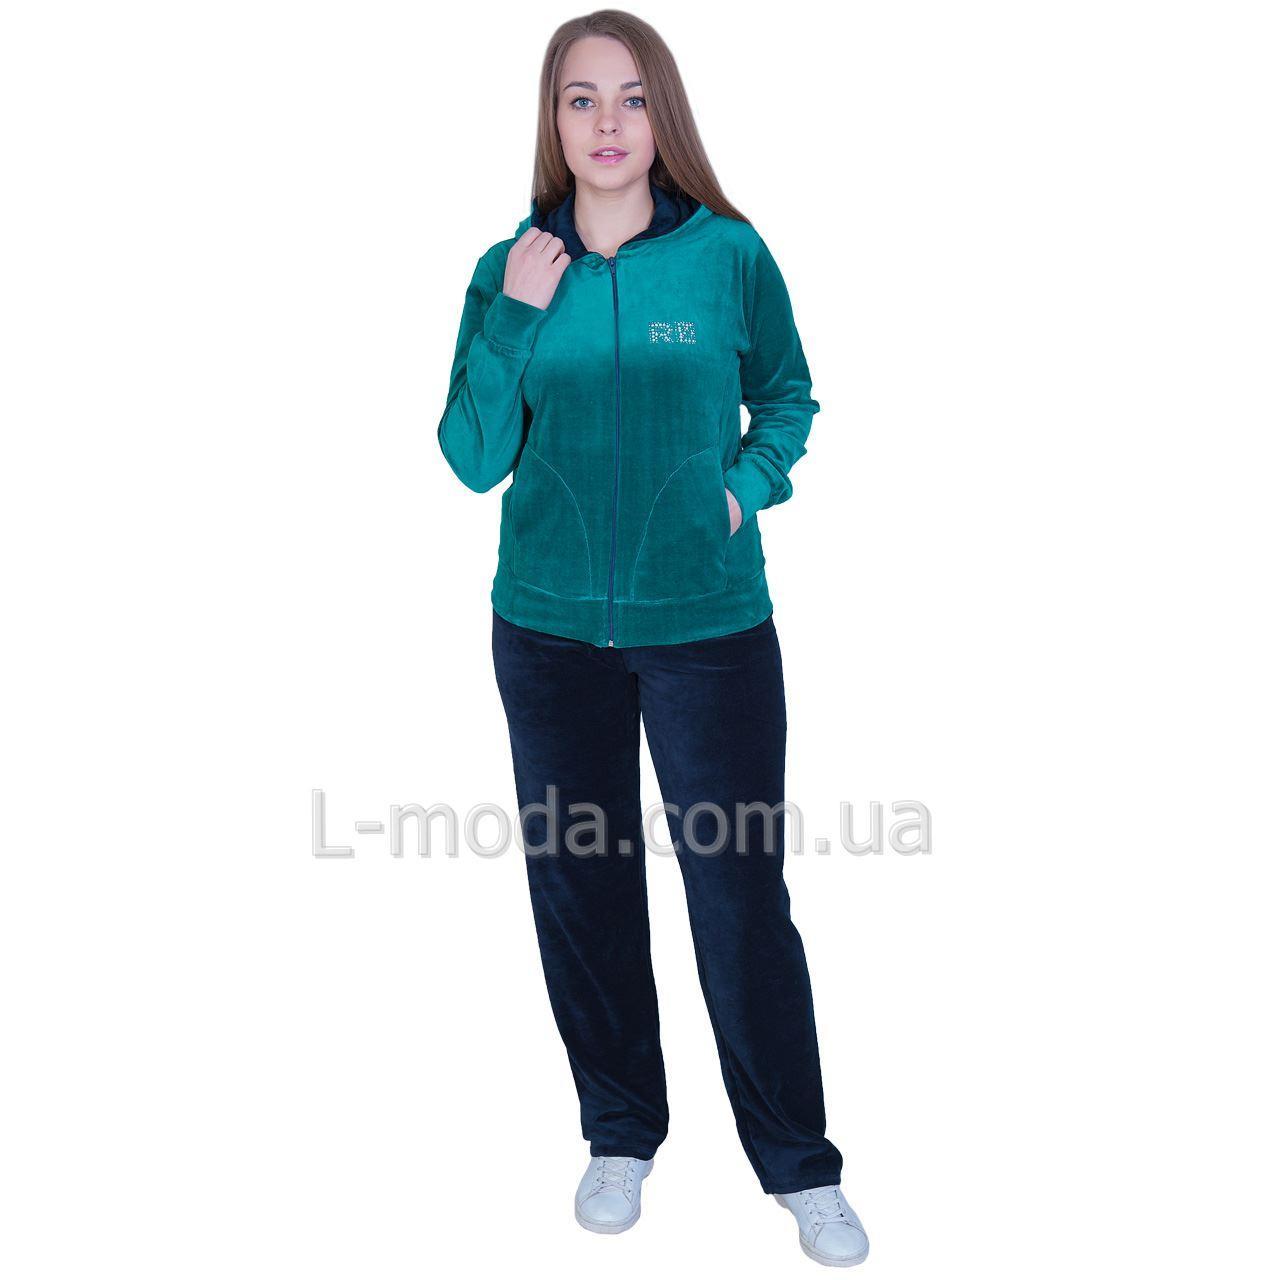 Спортивный костюм женский велюровый opt-52477